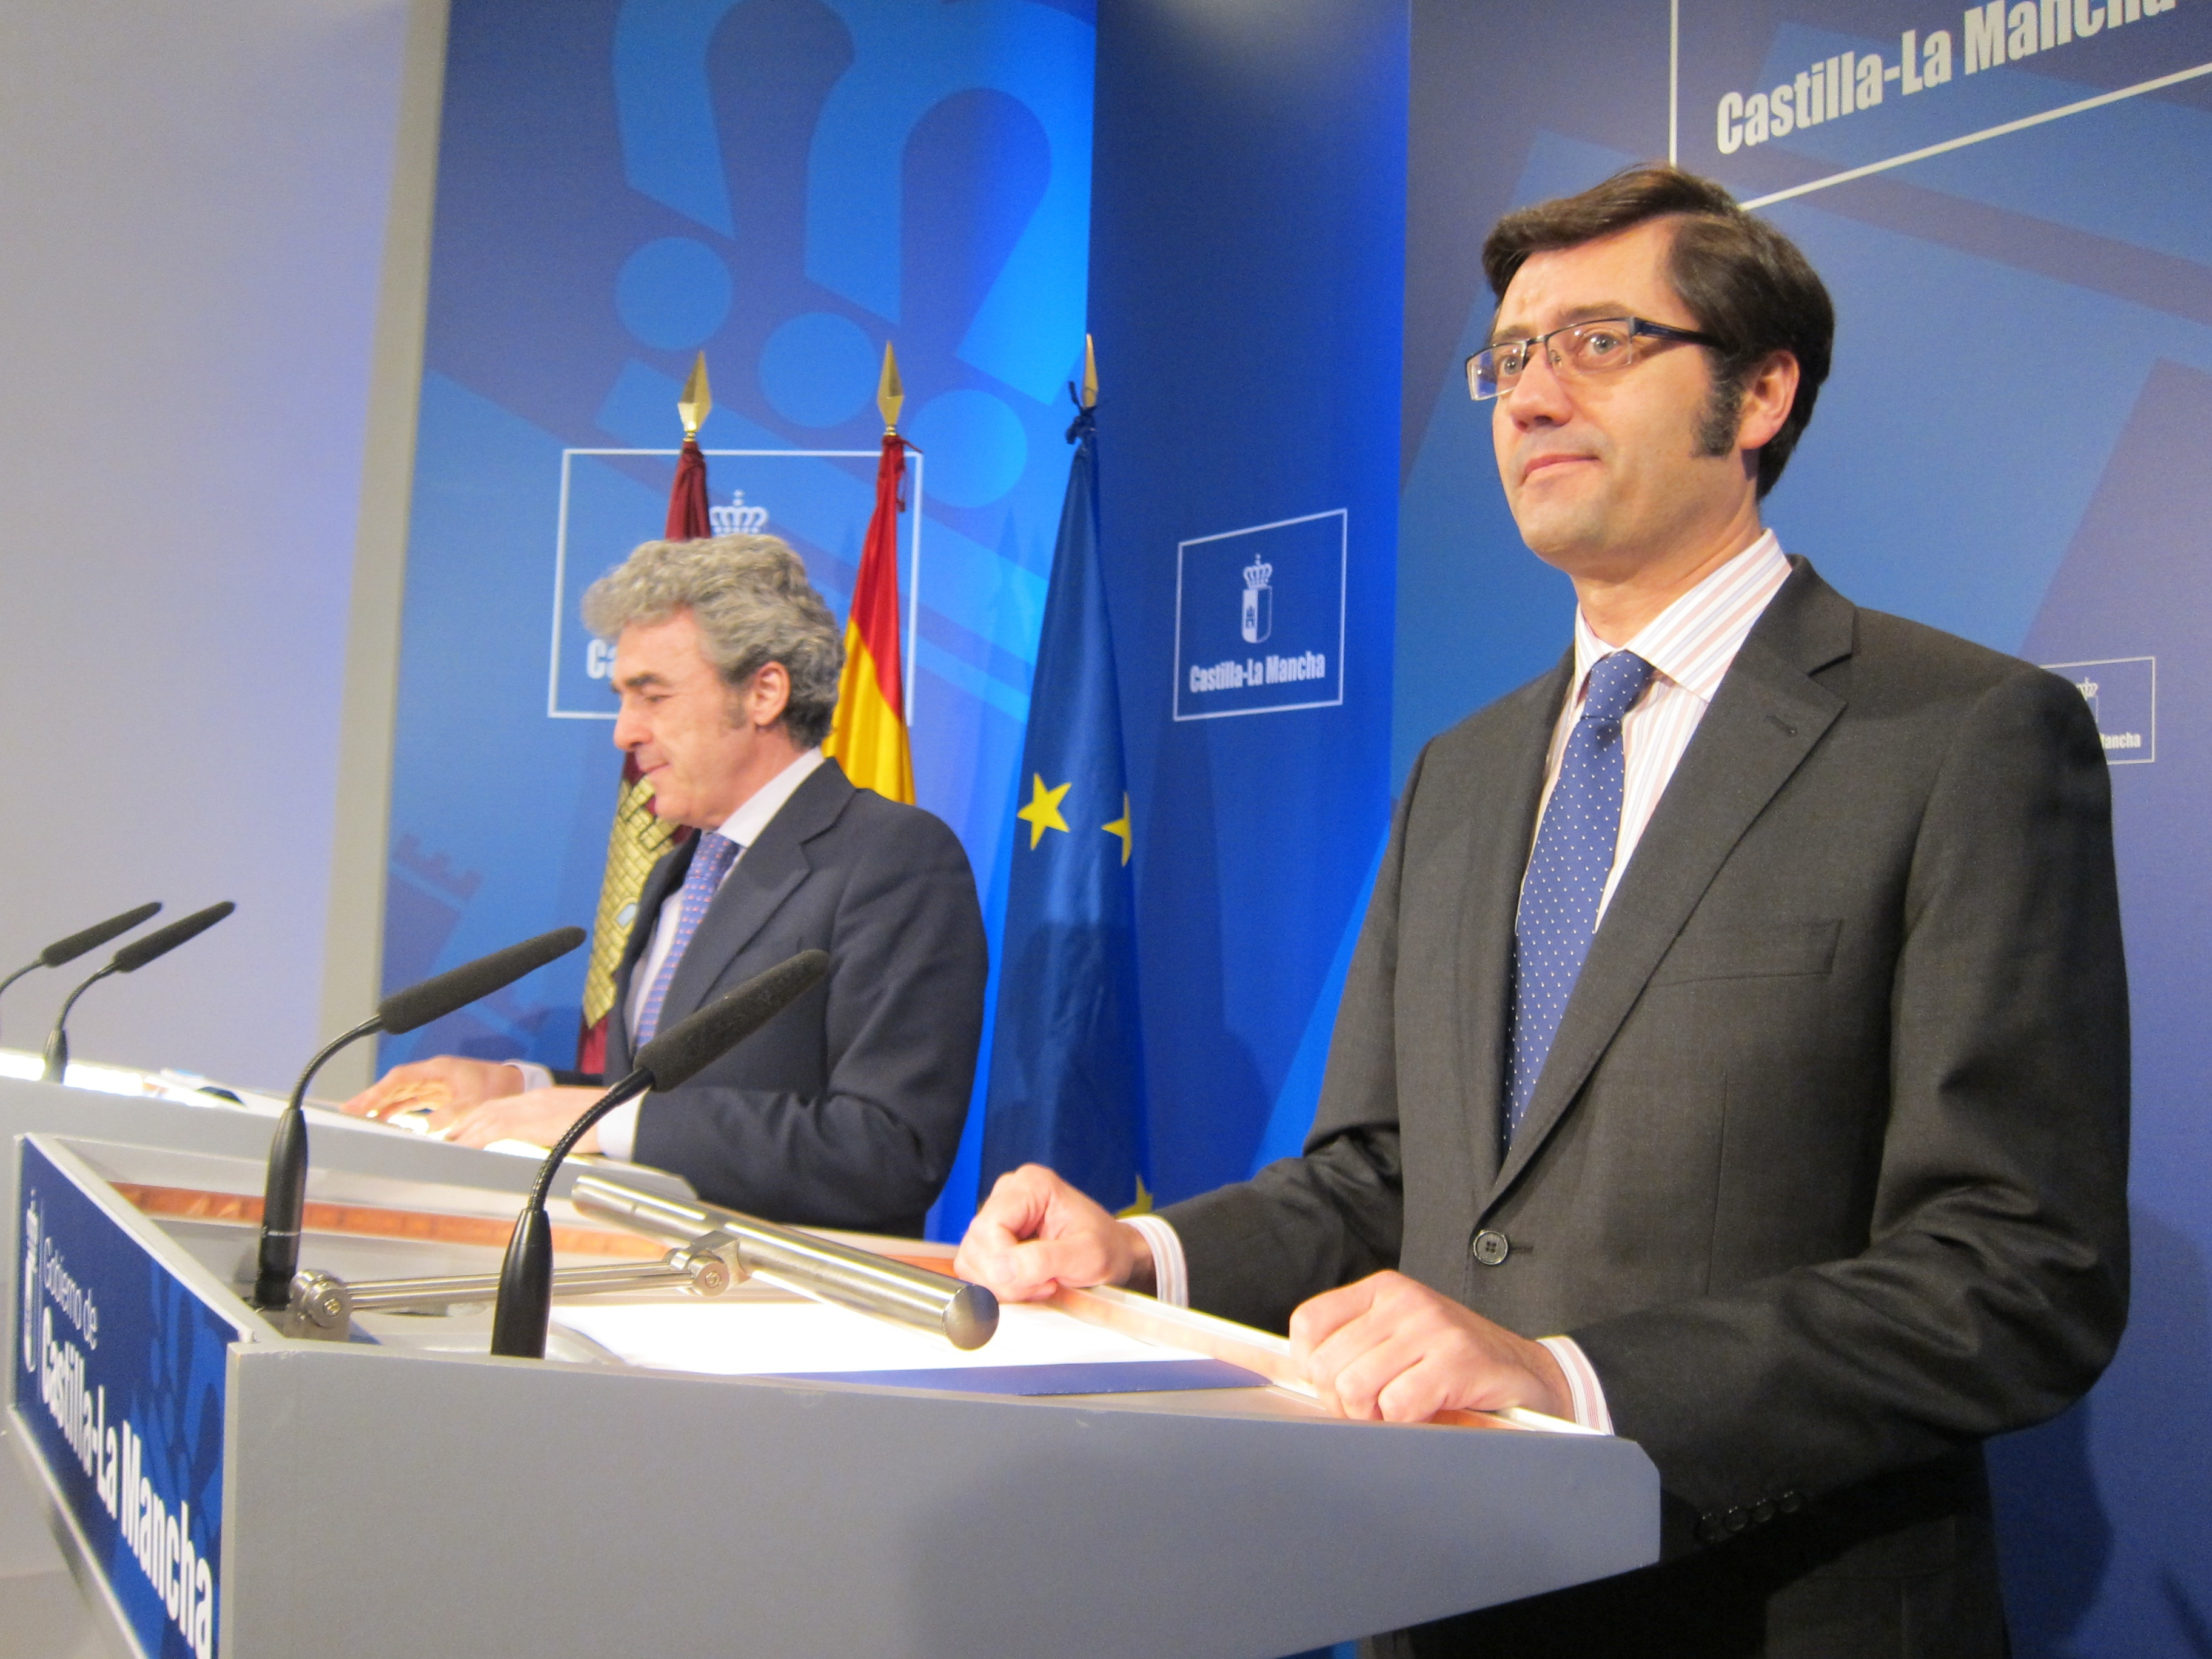 C-LM dice que los datos ofrecidos por Montoro avalan la credibilidad de Junta y dice que ha cumplido